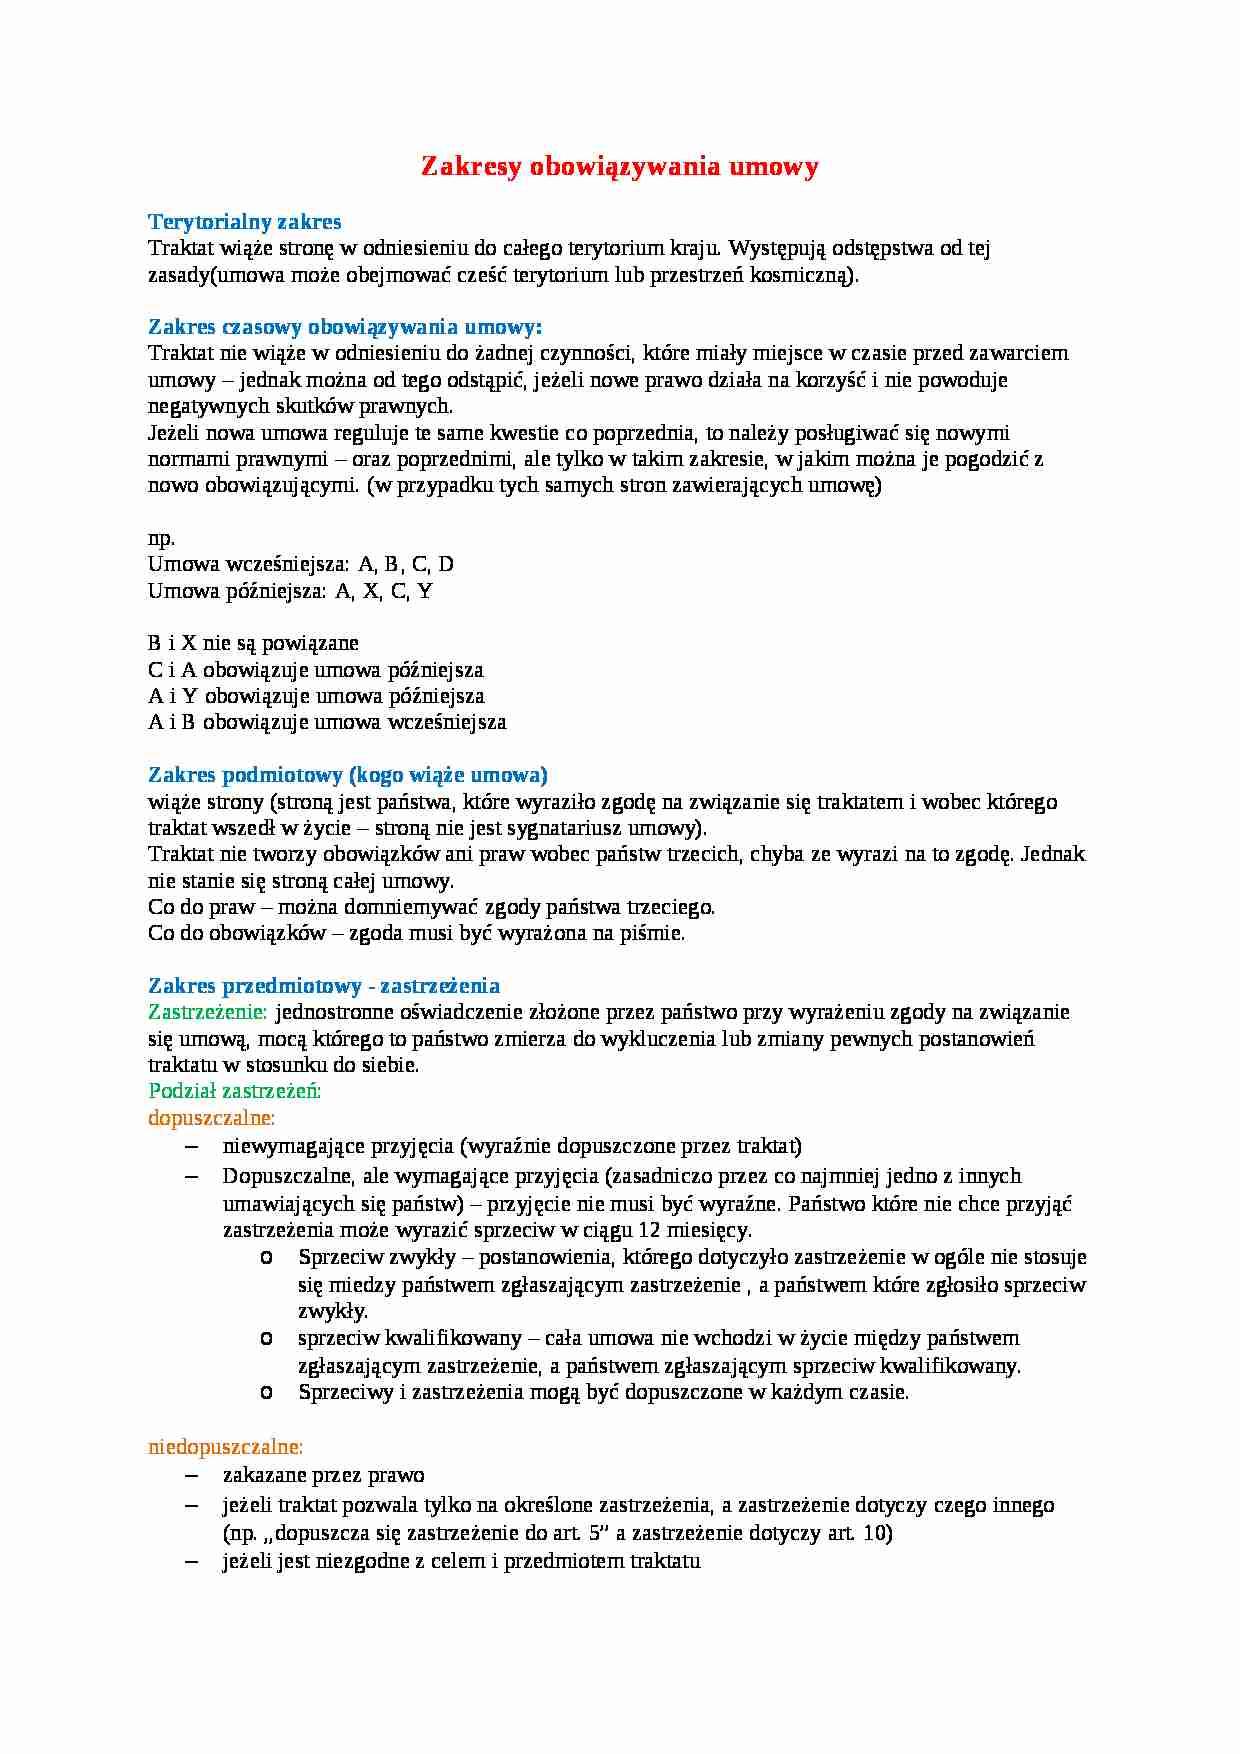 4c0c513d61001b Zakresy obowiązywania umowy - wykład - Notatek.pl